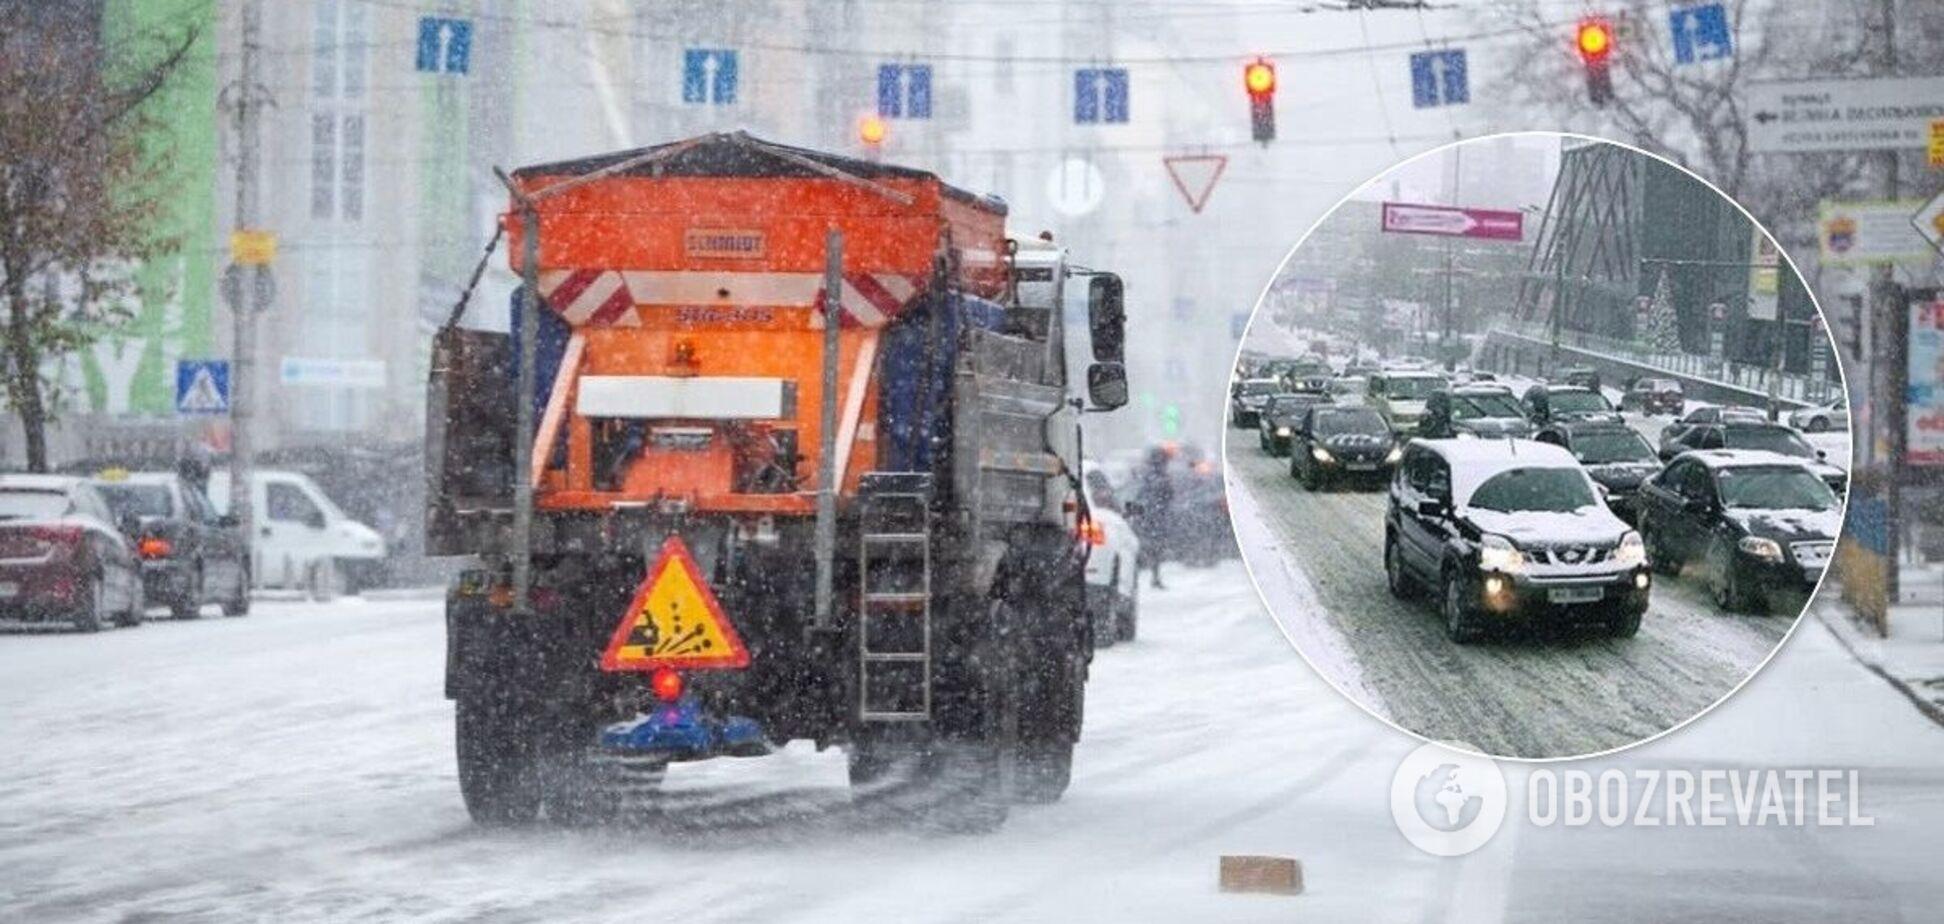 Для уборки снега задействовано 359 единиц спецтехники